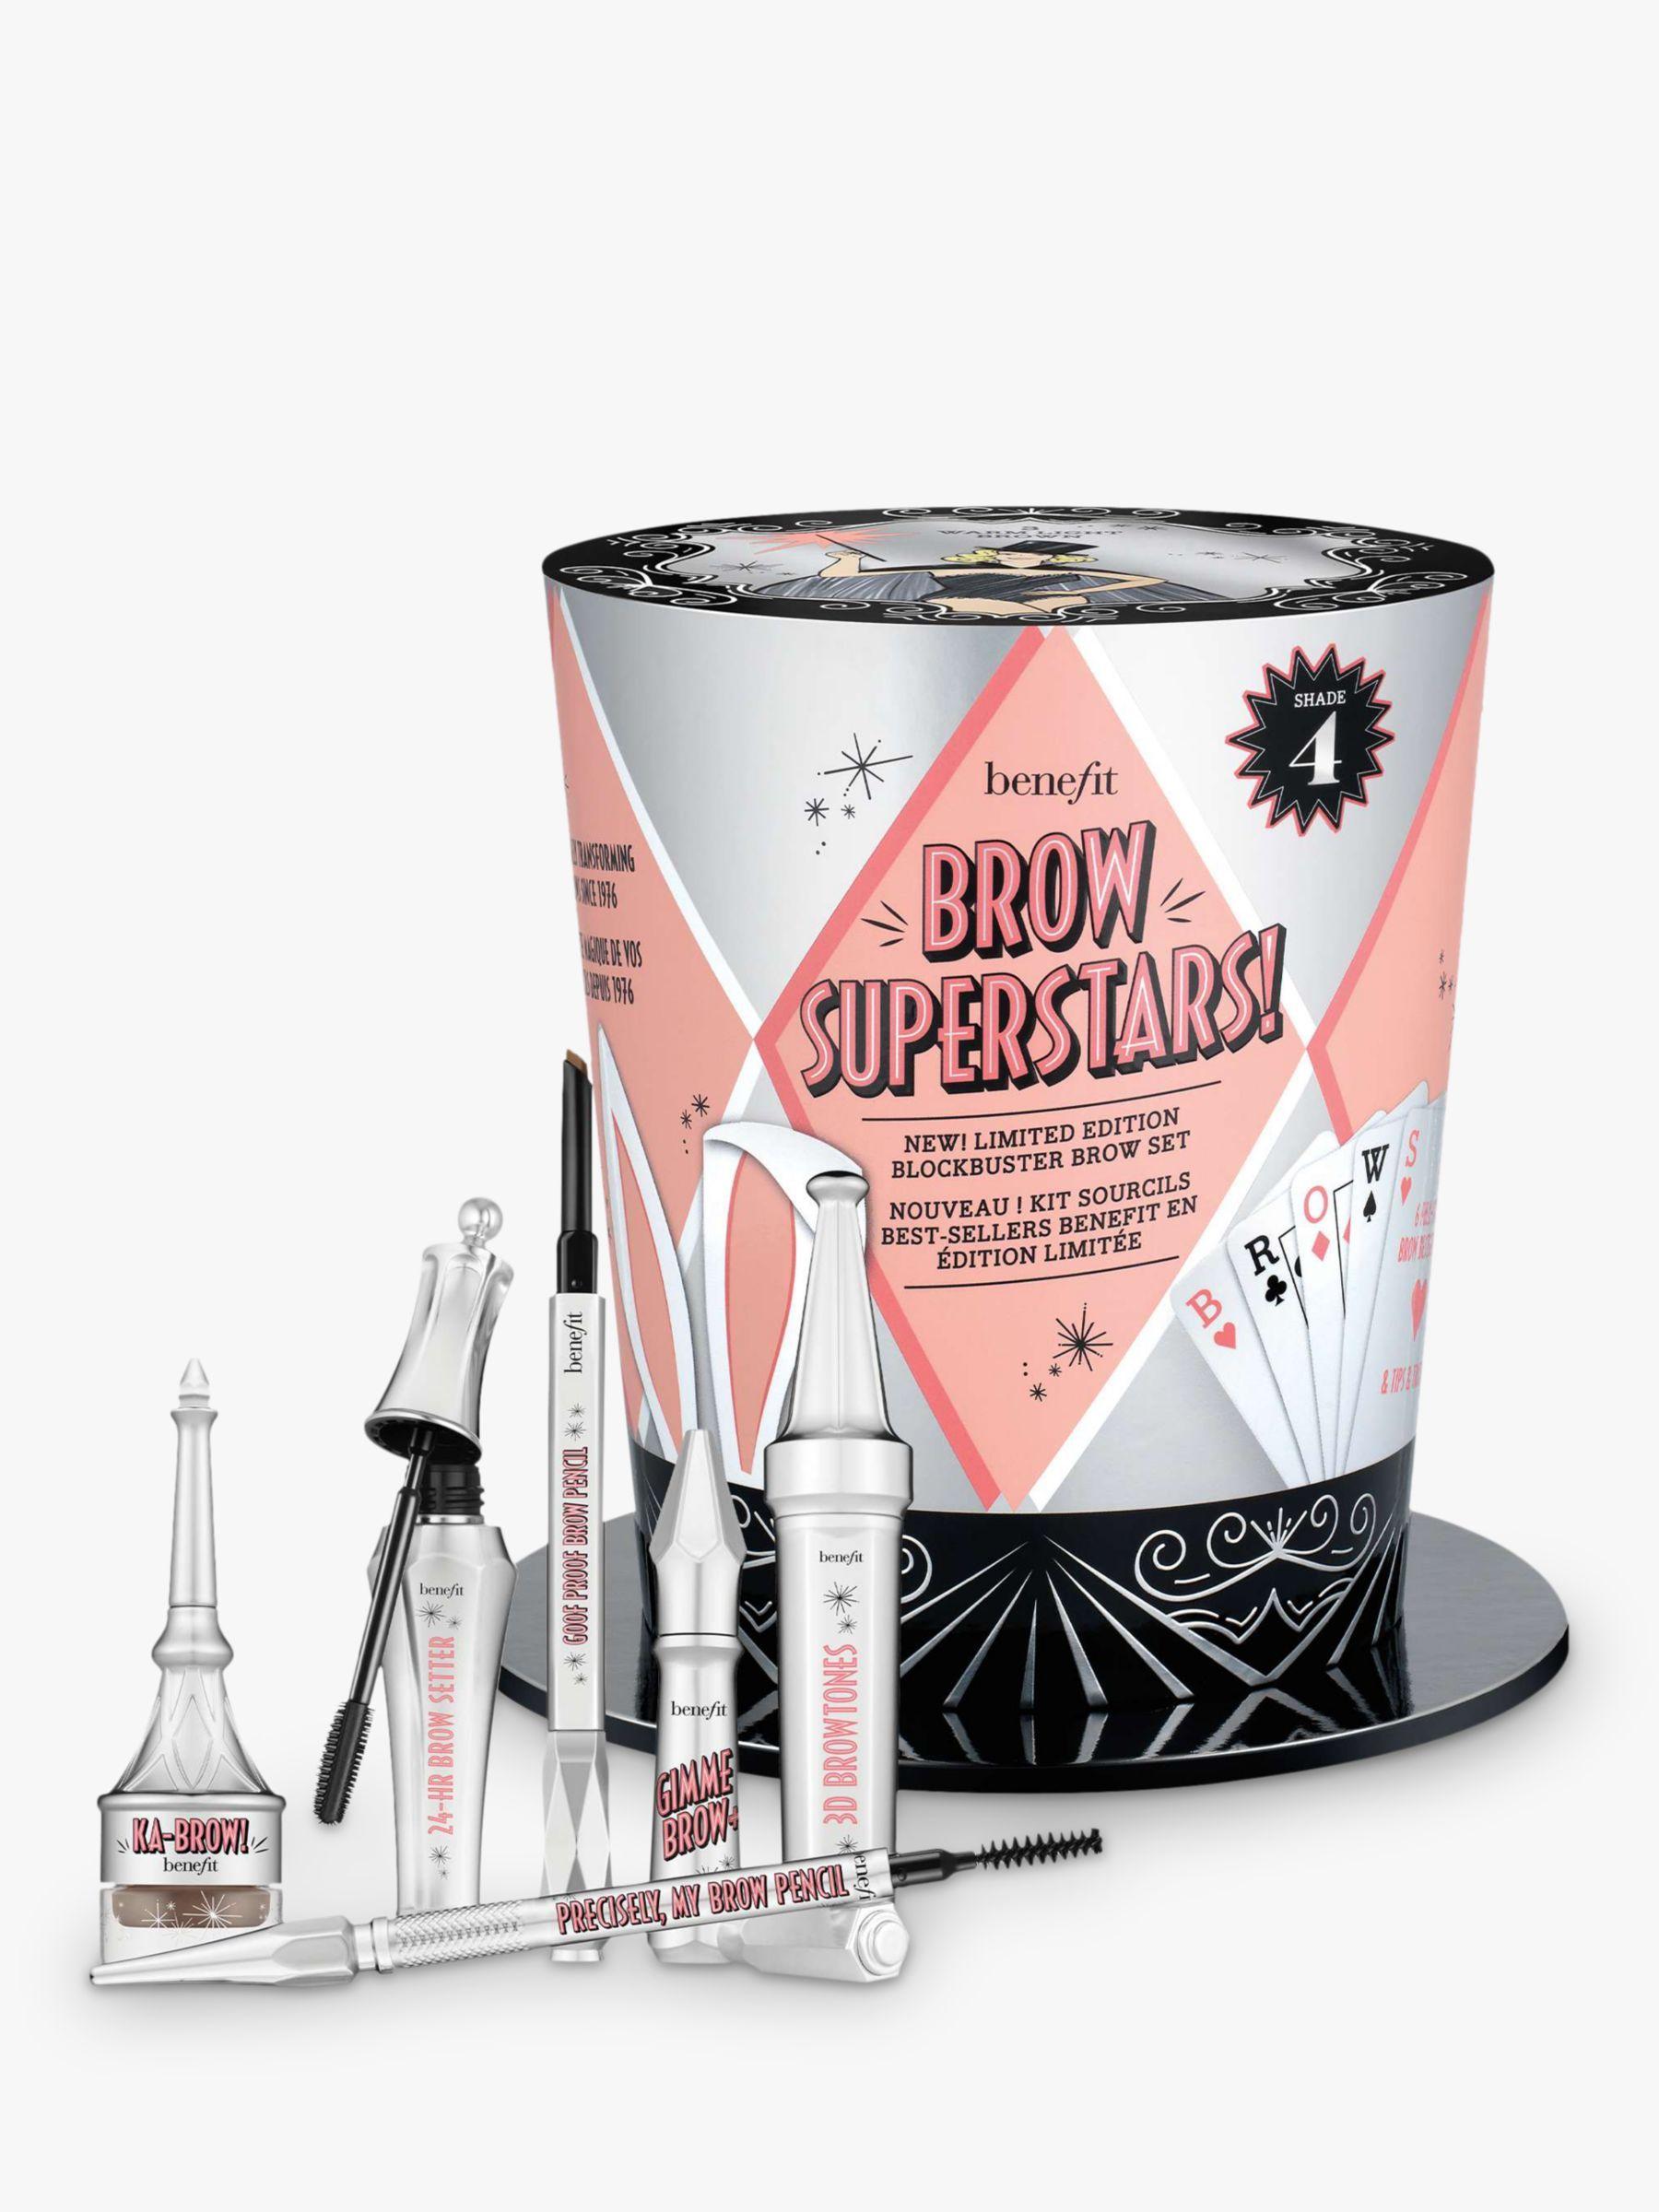 Cofre de cejas con perfiladores, rellenadores y fijadores Brow Superstars! de Benefit Cosmetics